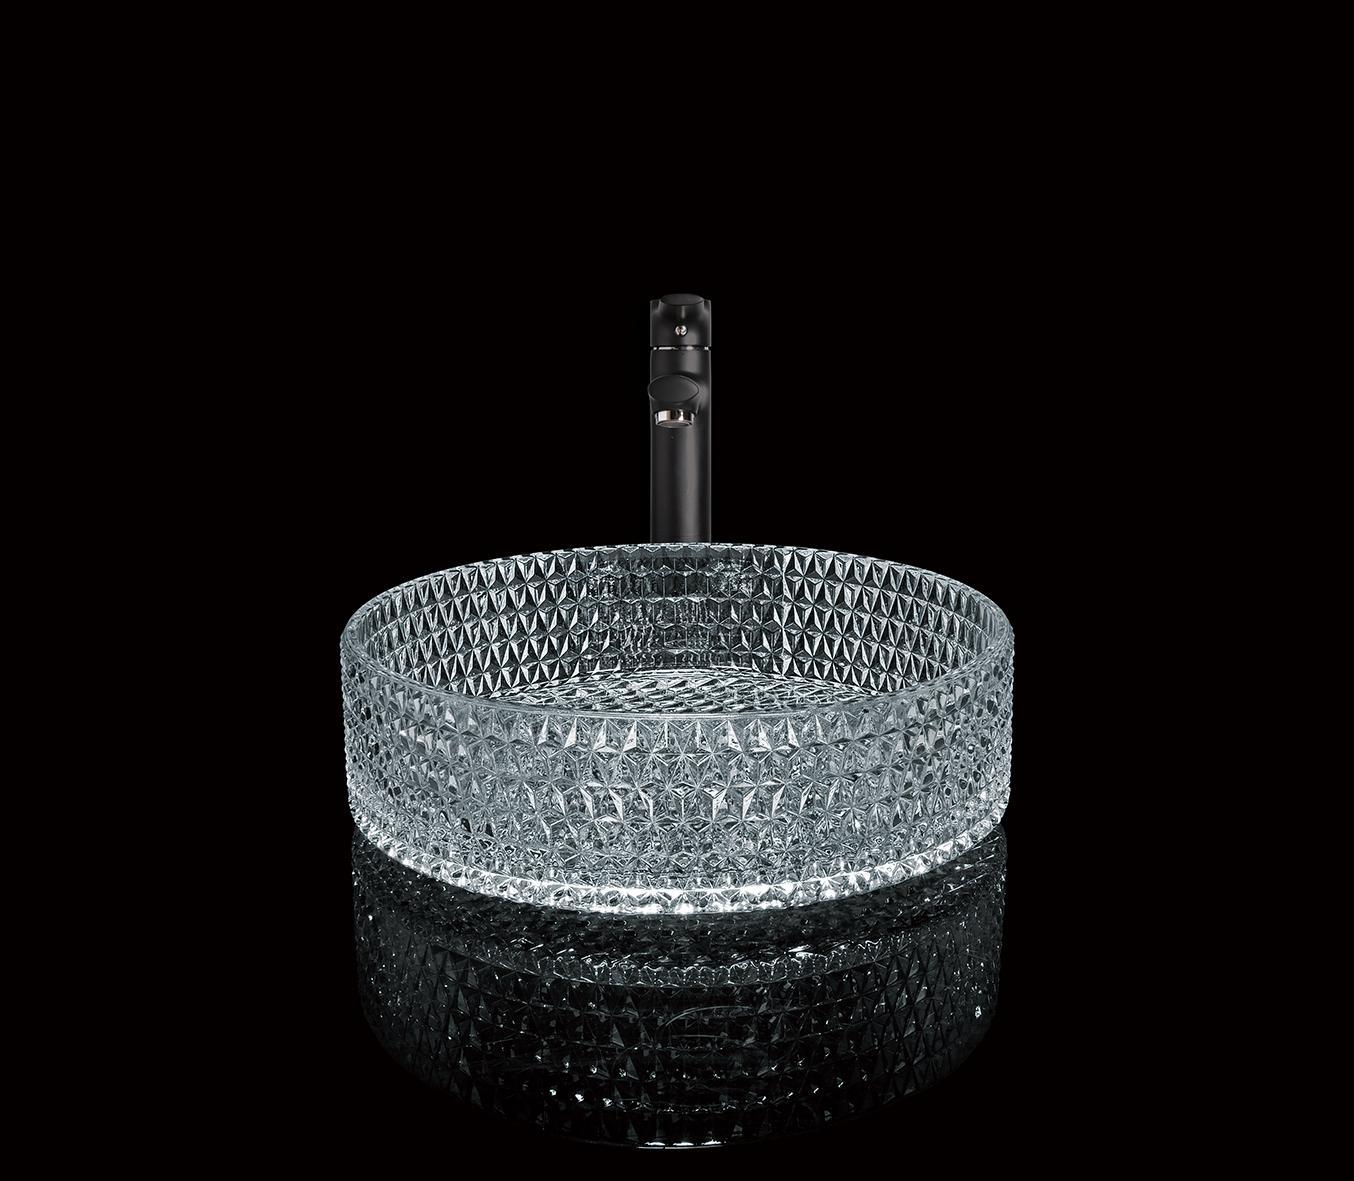 Elmas Desen Tasarımı Şeffaf Yuvarlak Banyo El yapımı Lavabo Tezgah Lavabo Züccaciye Lavabo temperli